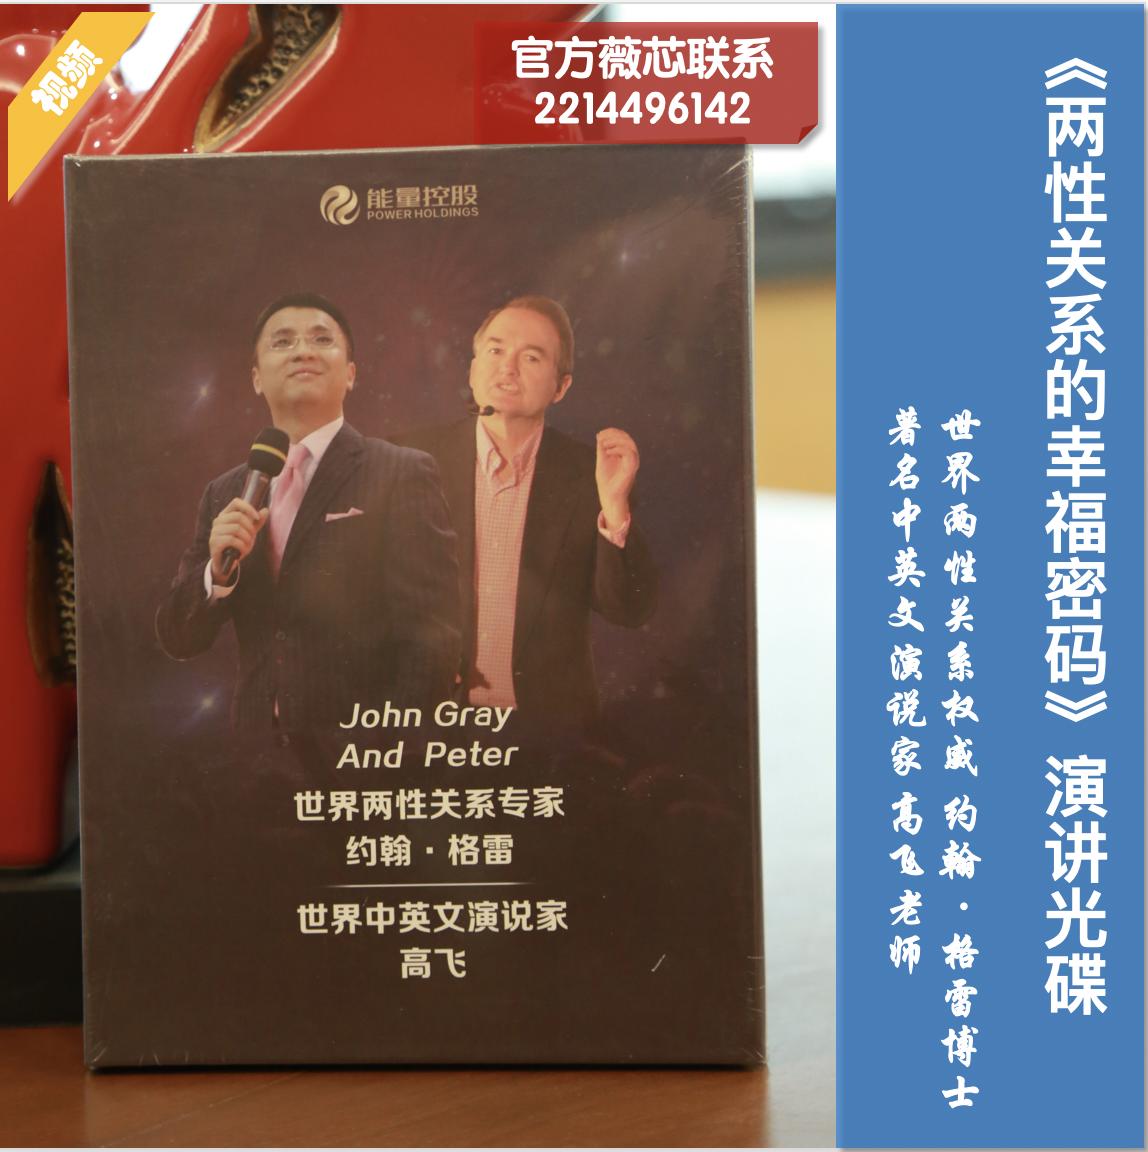 视频光碟 高飞演讲与口才训练之约翰格雷博士高飞老师演讲视频